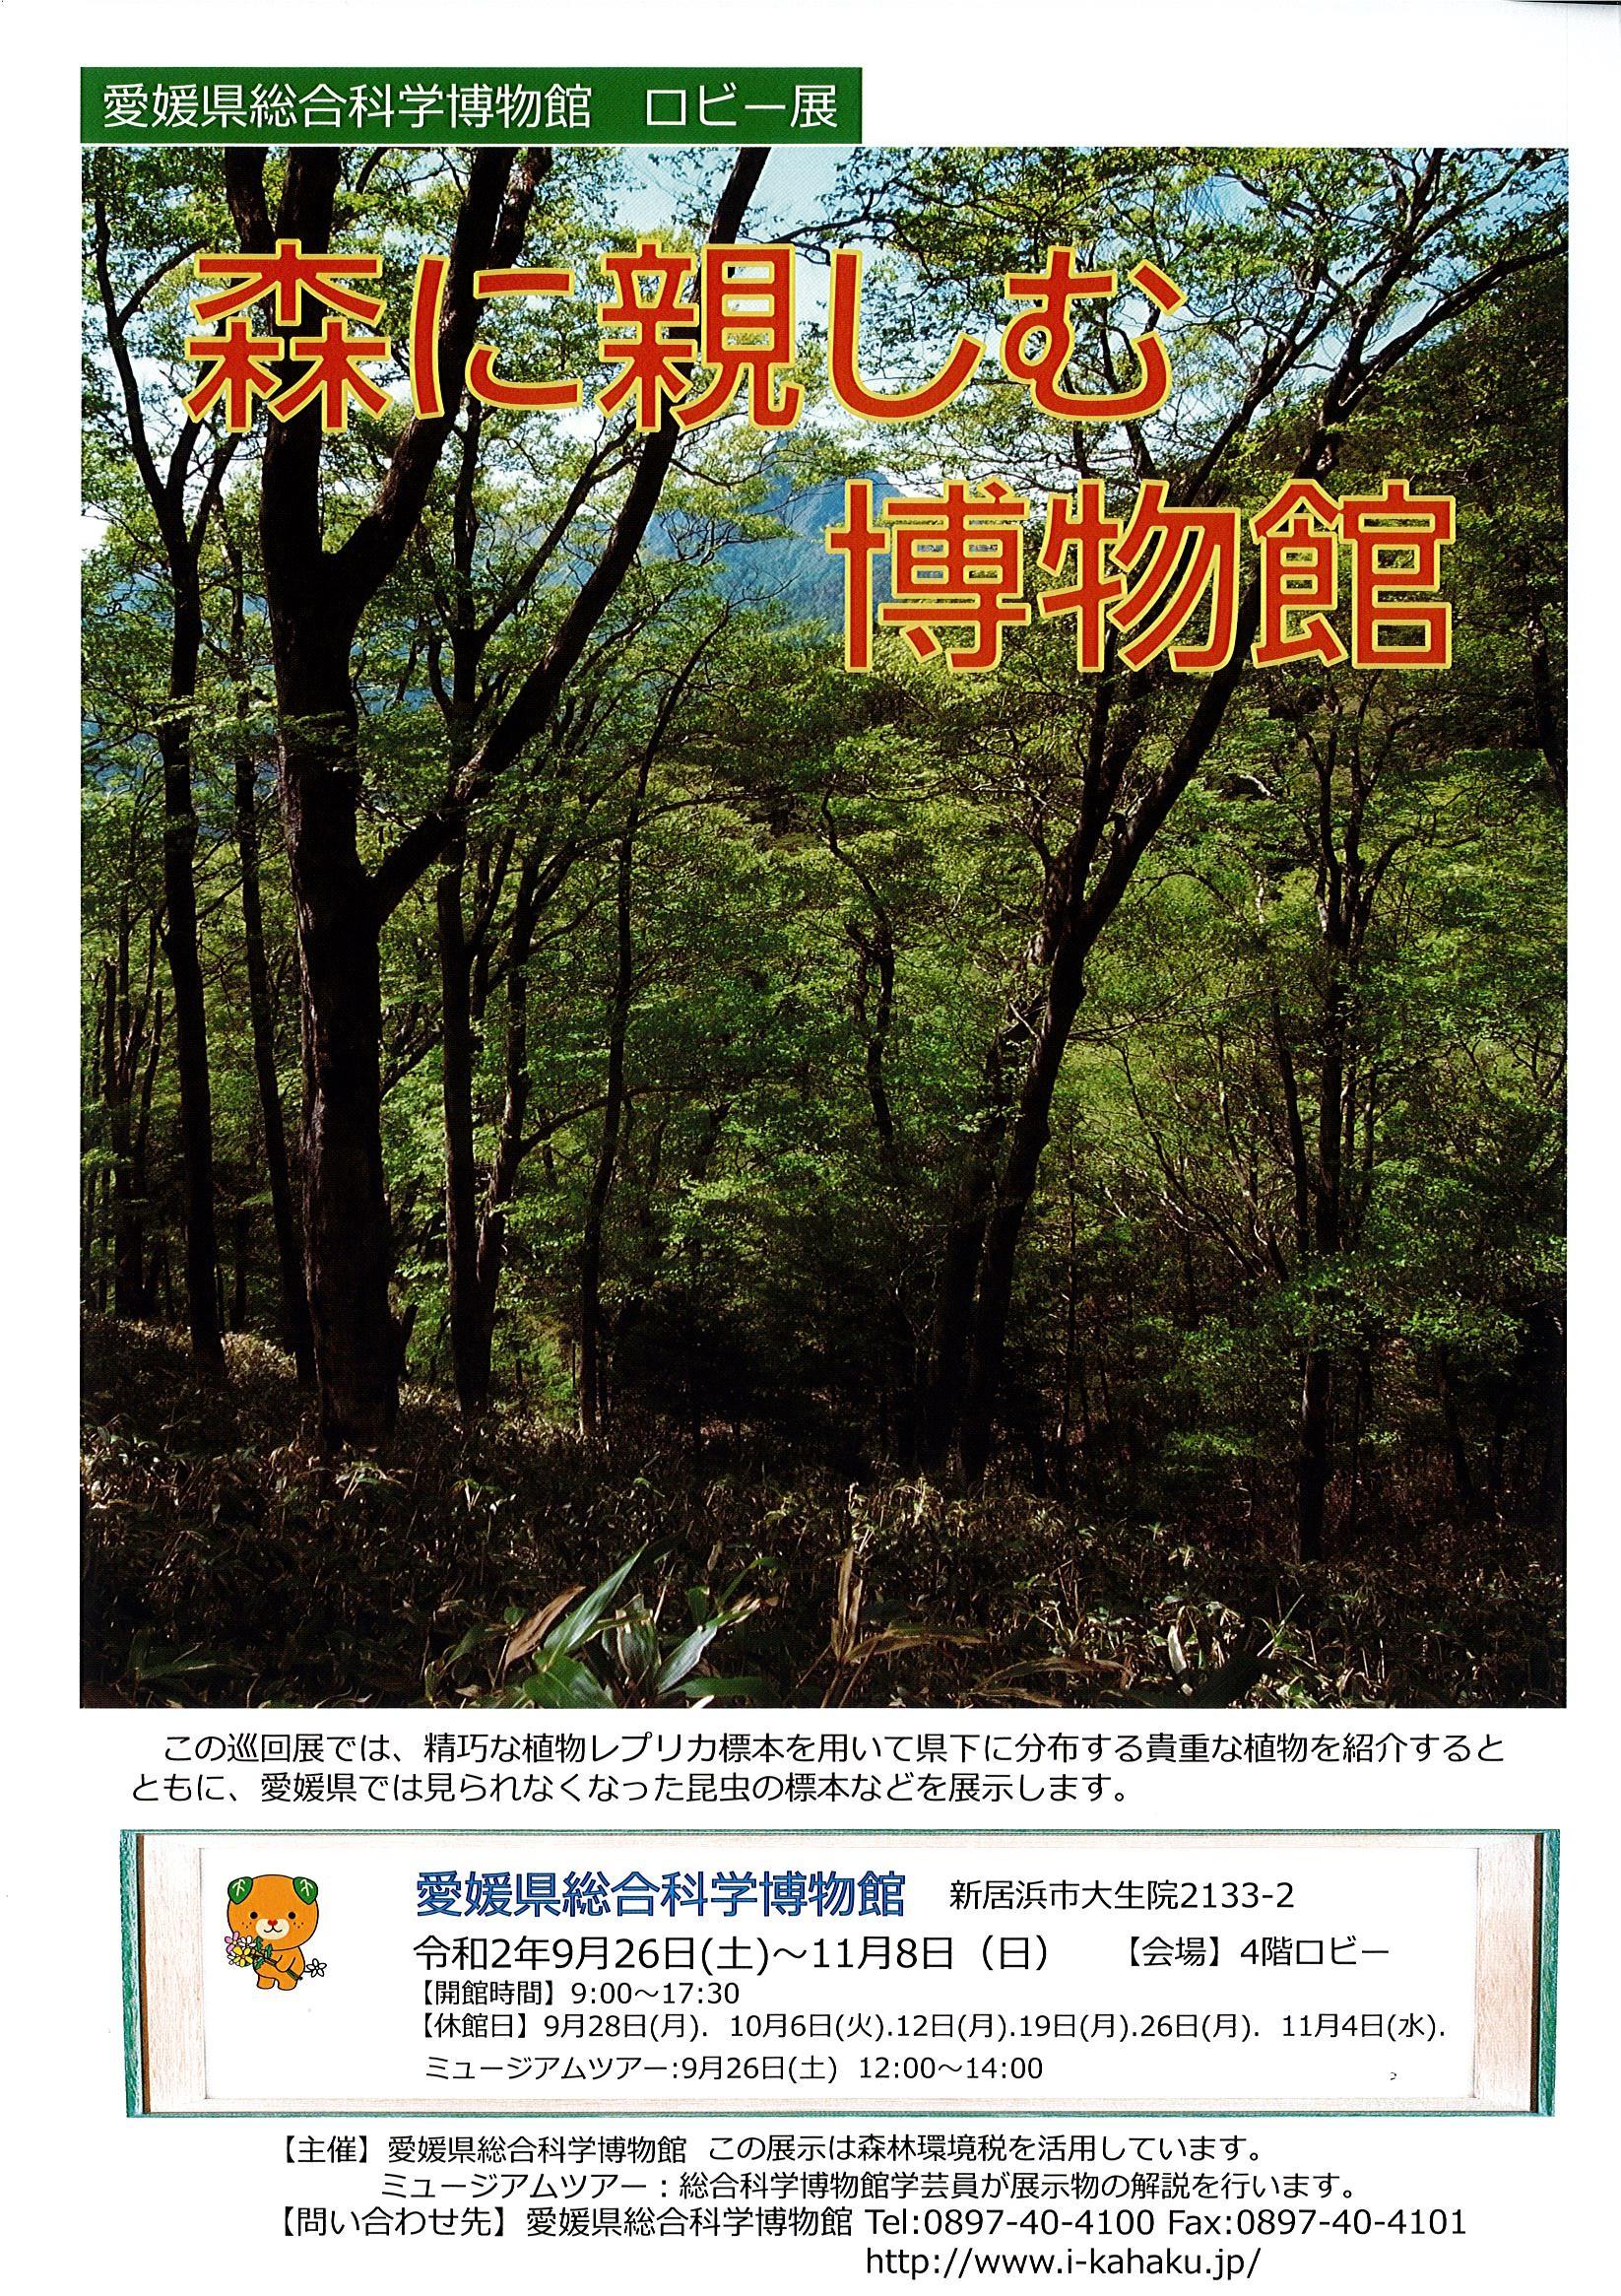 愛媛県総合科学博物館ホームページ